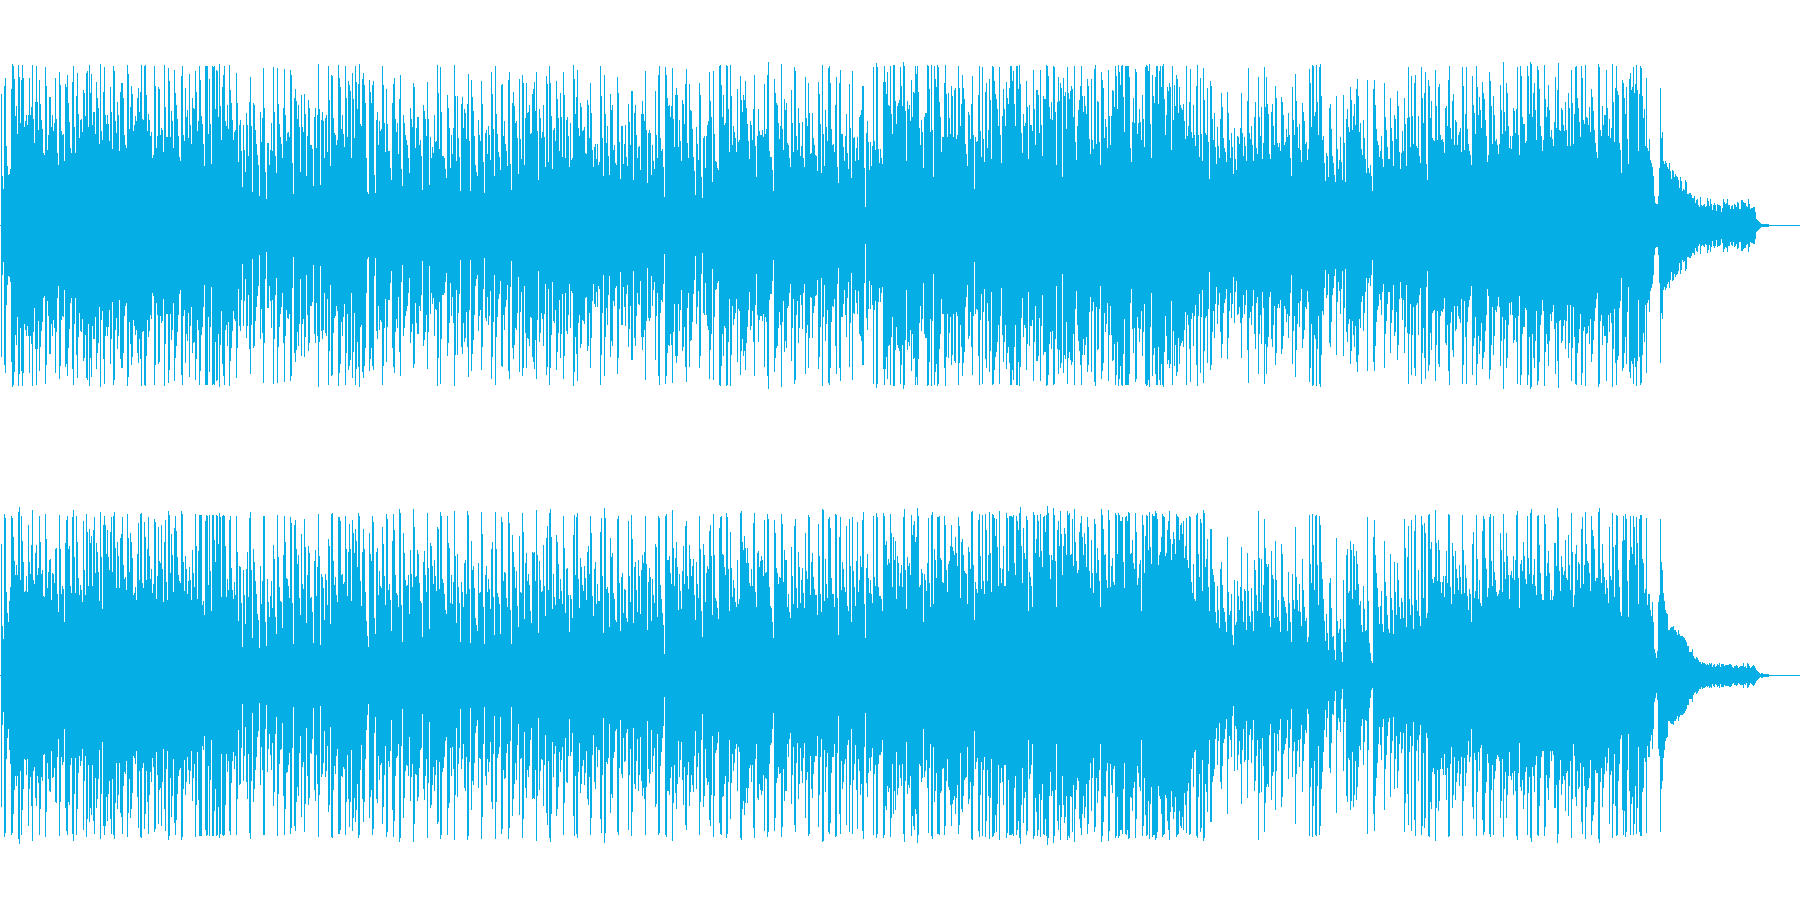 キラキラしたさわやかなポップスの再生済みの波形